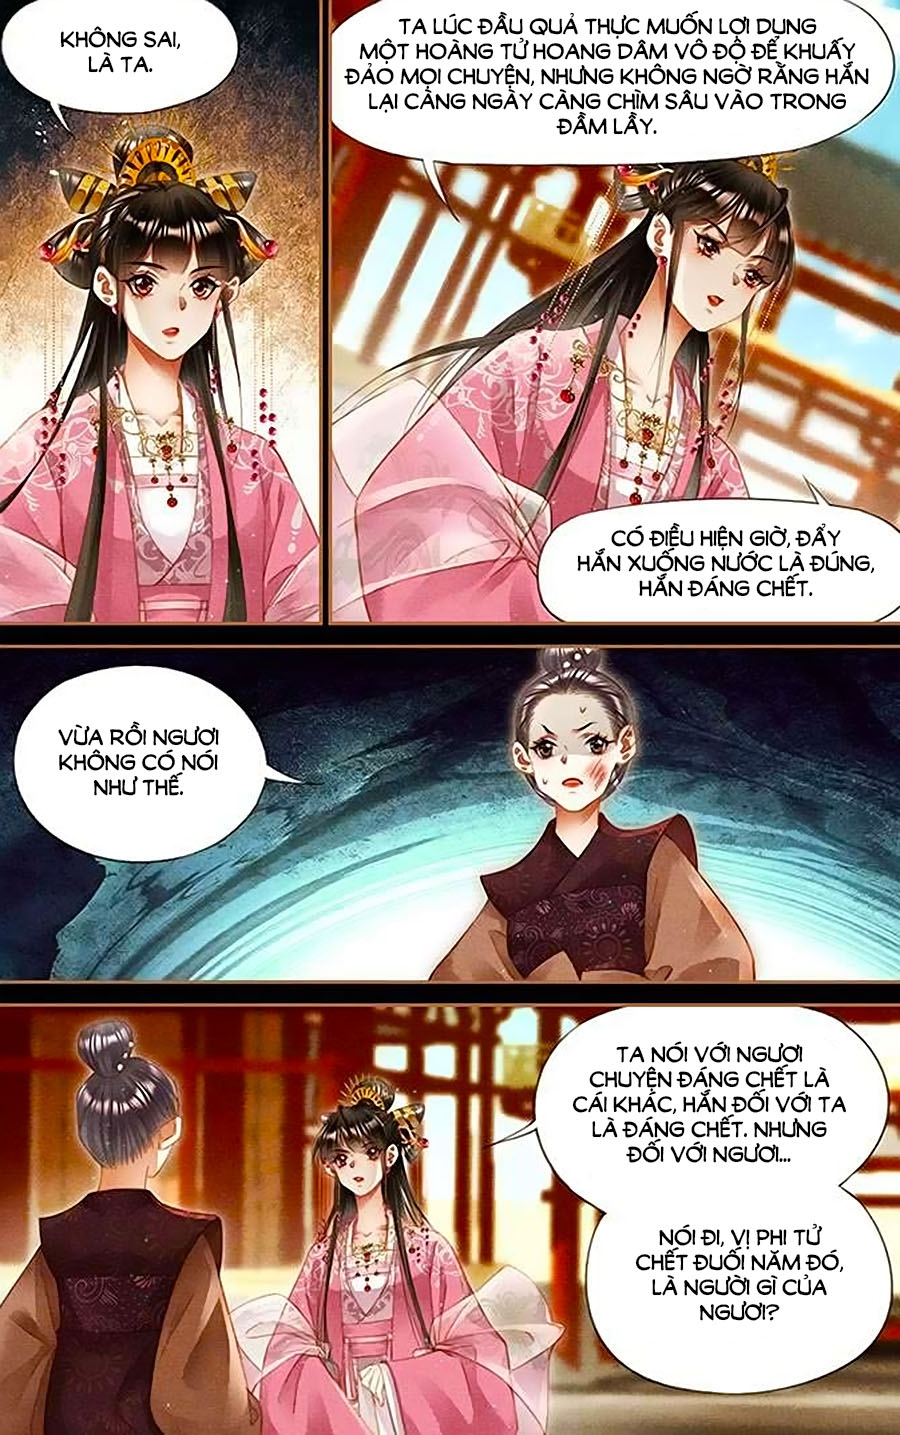 Thần Y Đích Nữ chap 277 - Trang 4